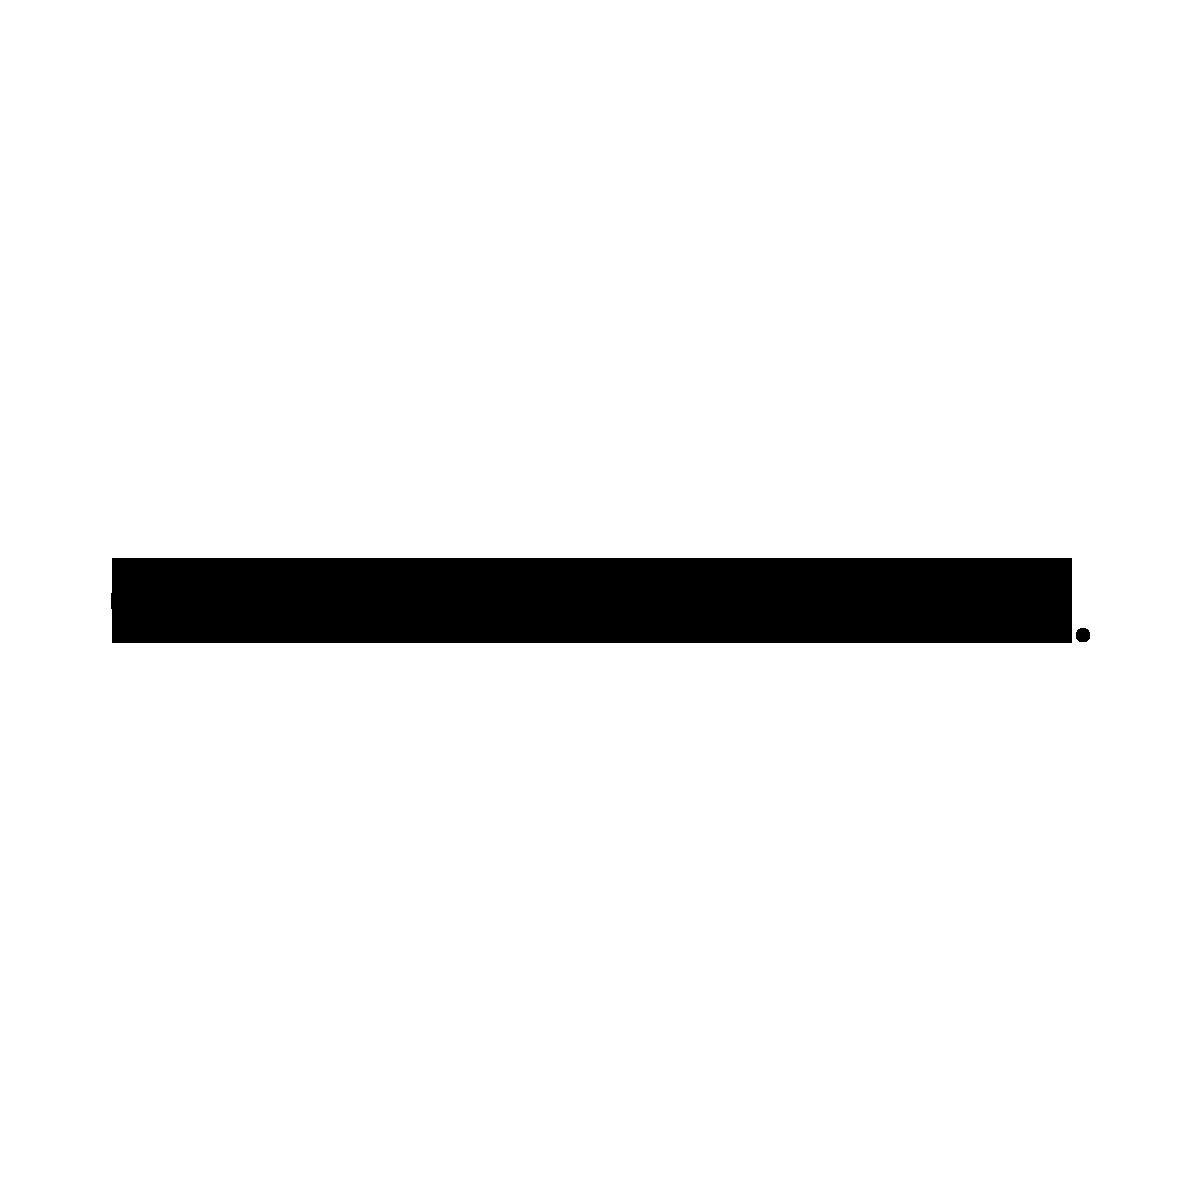 Sneaker-shiny-geprint-leer-zwart